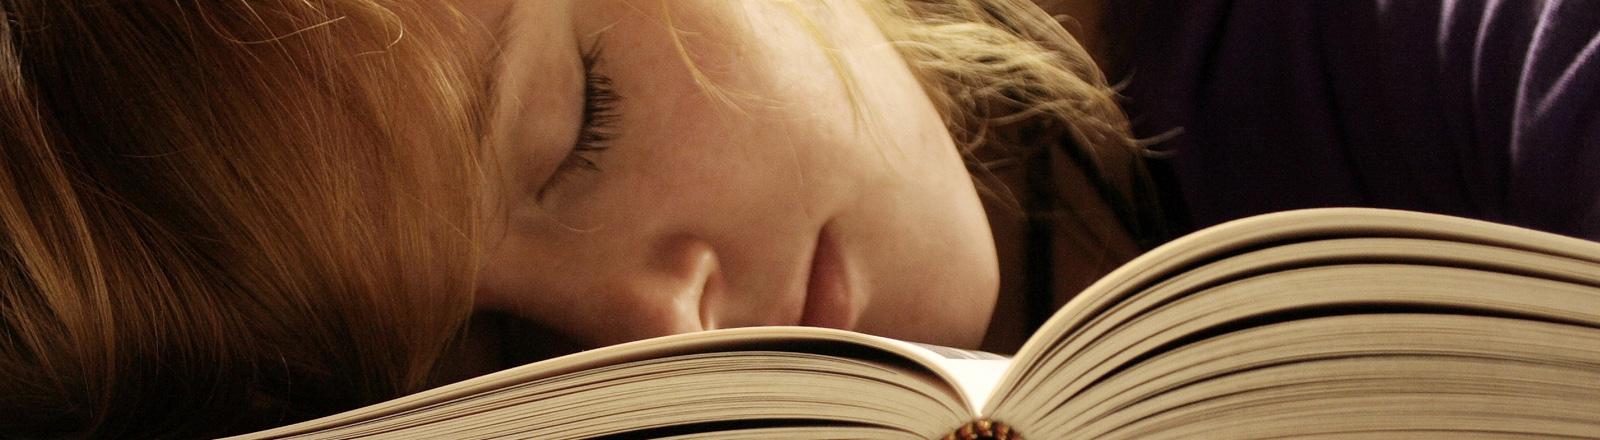 Schnell gelesen, schnell eingeschlafen.